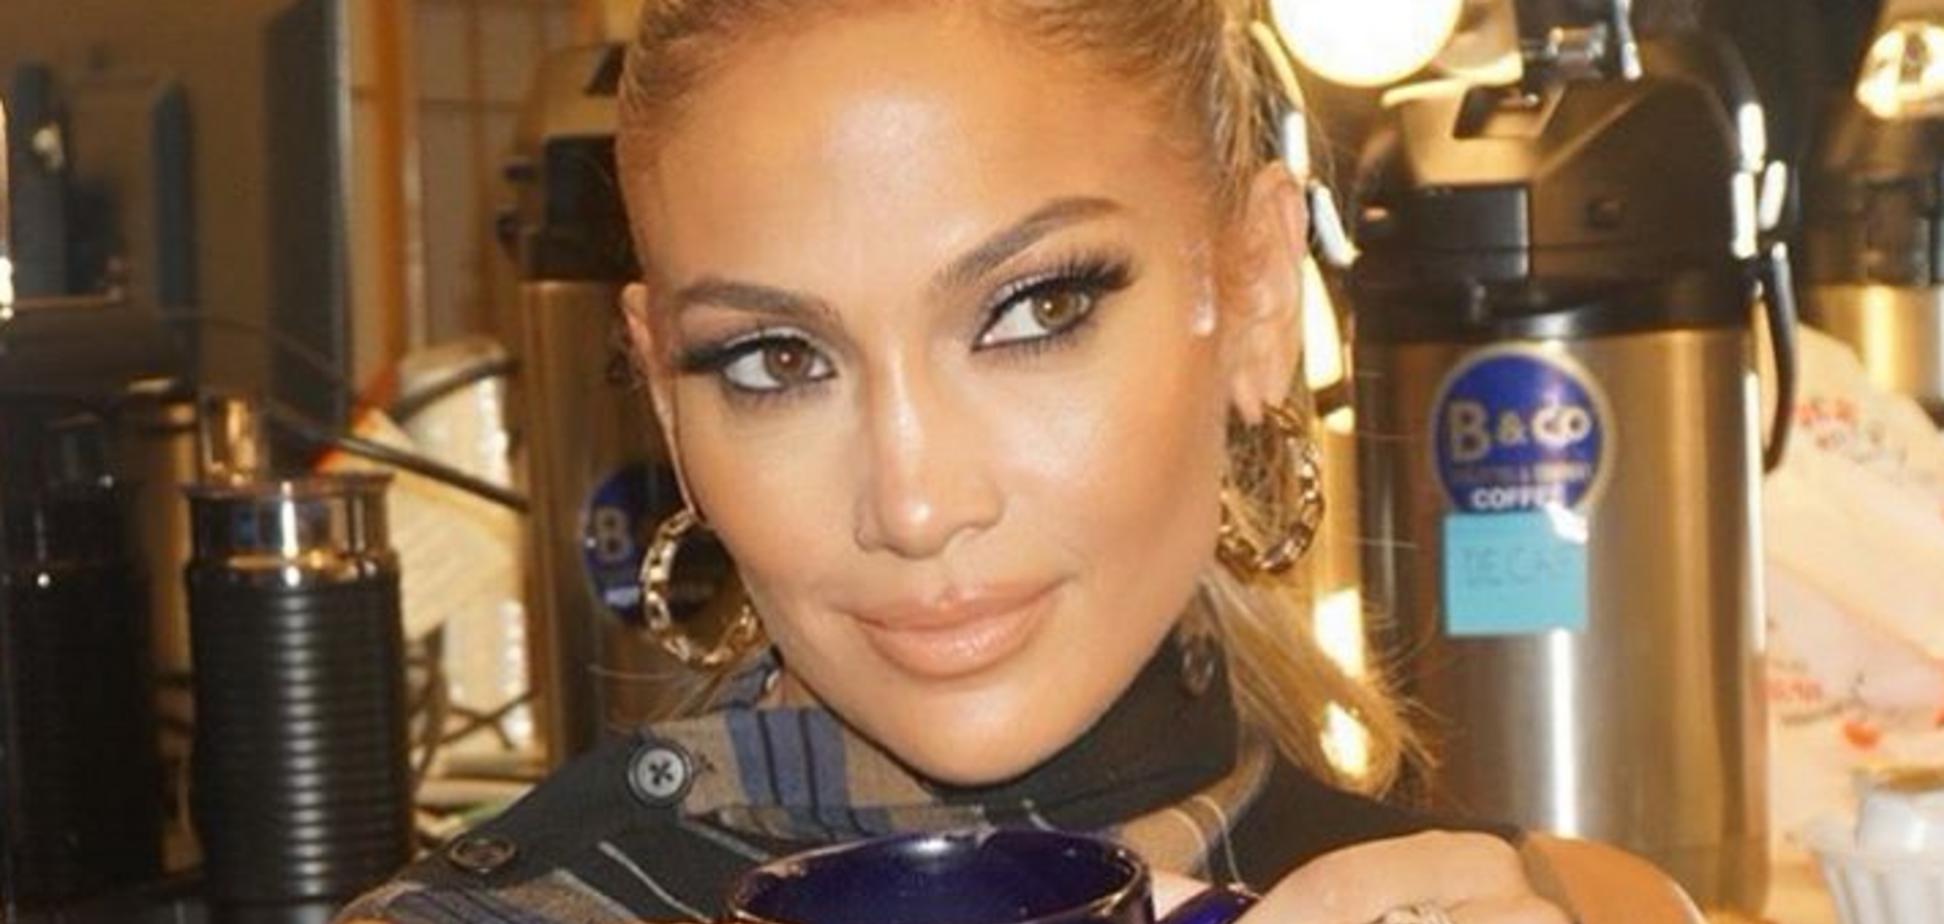 Декольте до пупка: 50-летняя Лопес произвела фурор на показе Versace